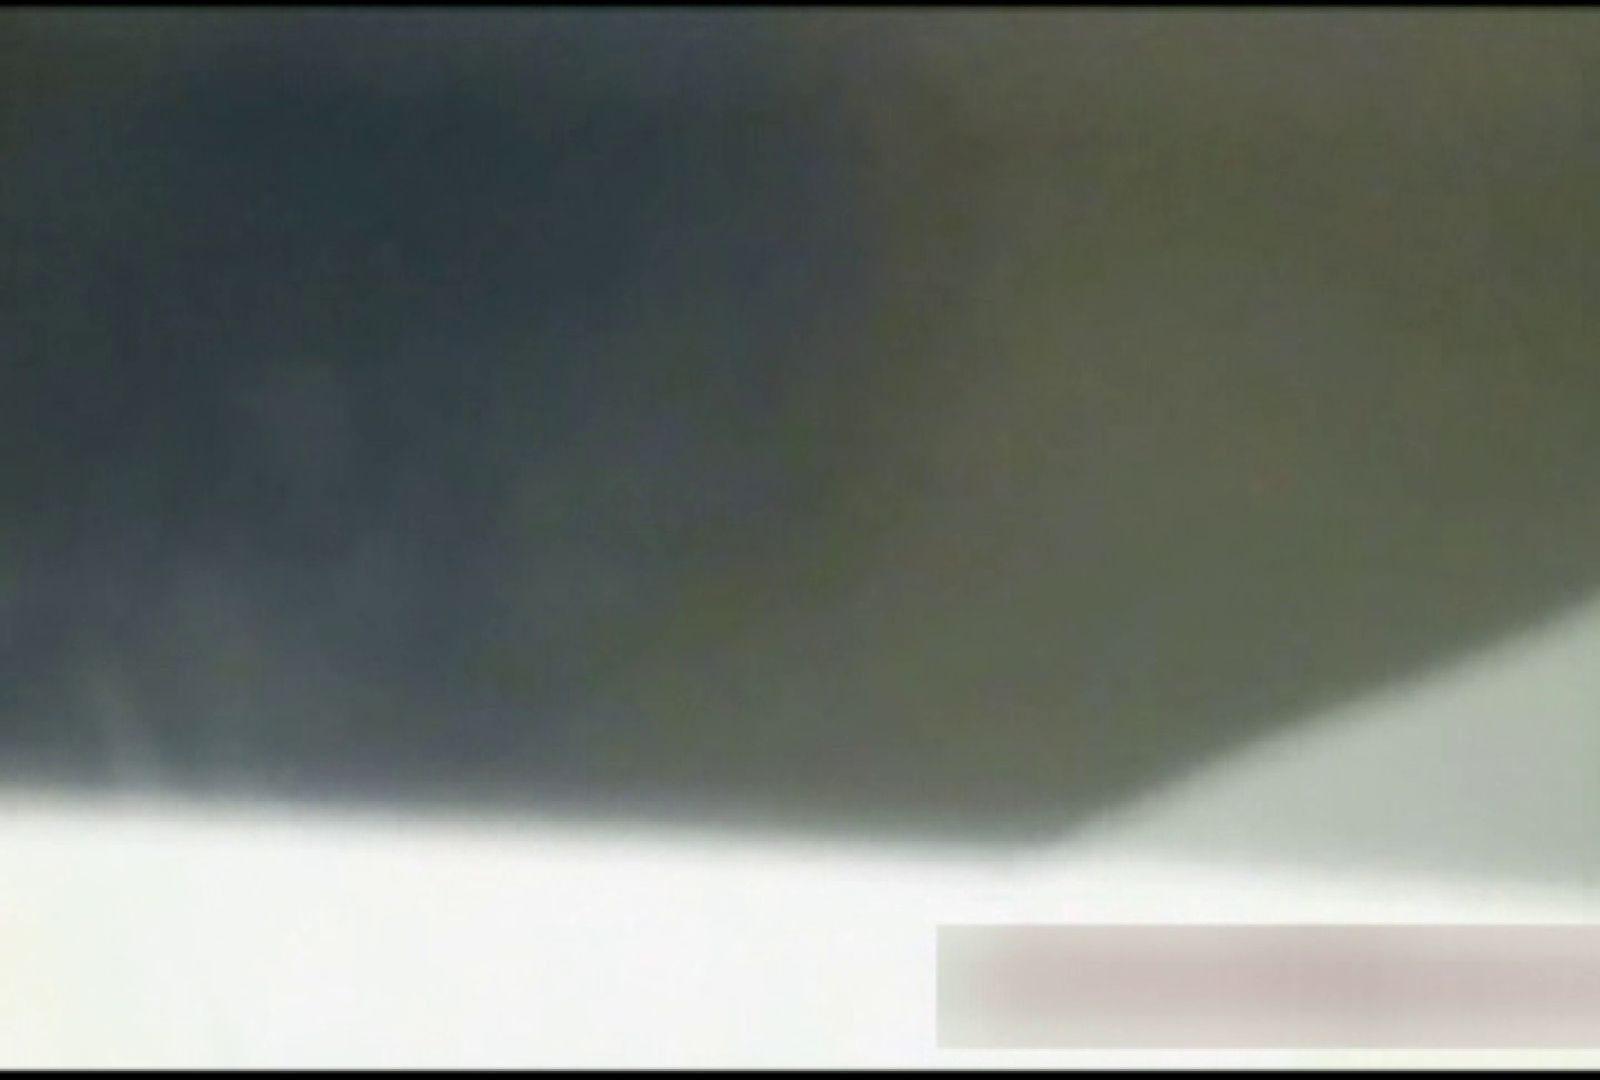 洗面所で暗躍する撮師たちの潜入記Vol.4 おまんこ オメコ無修正動画無料 107pic 4